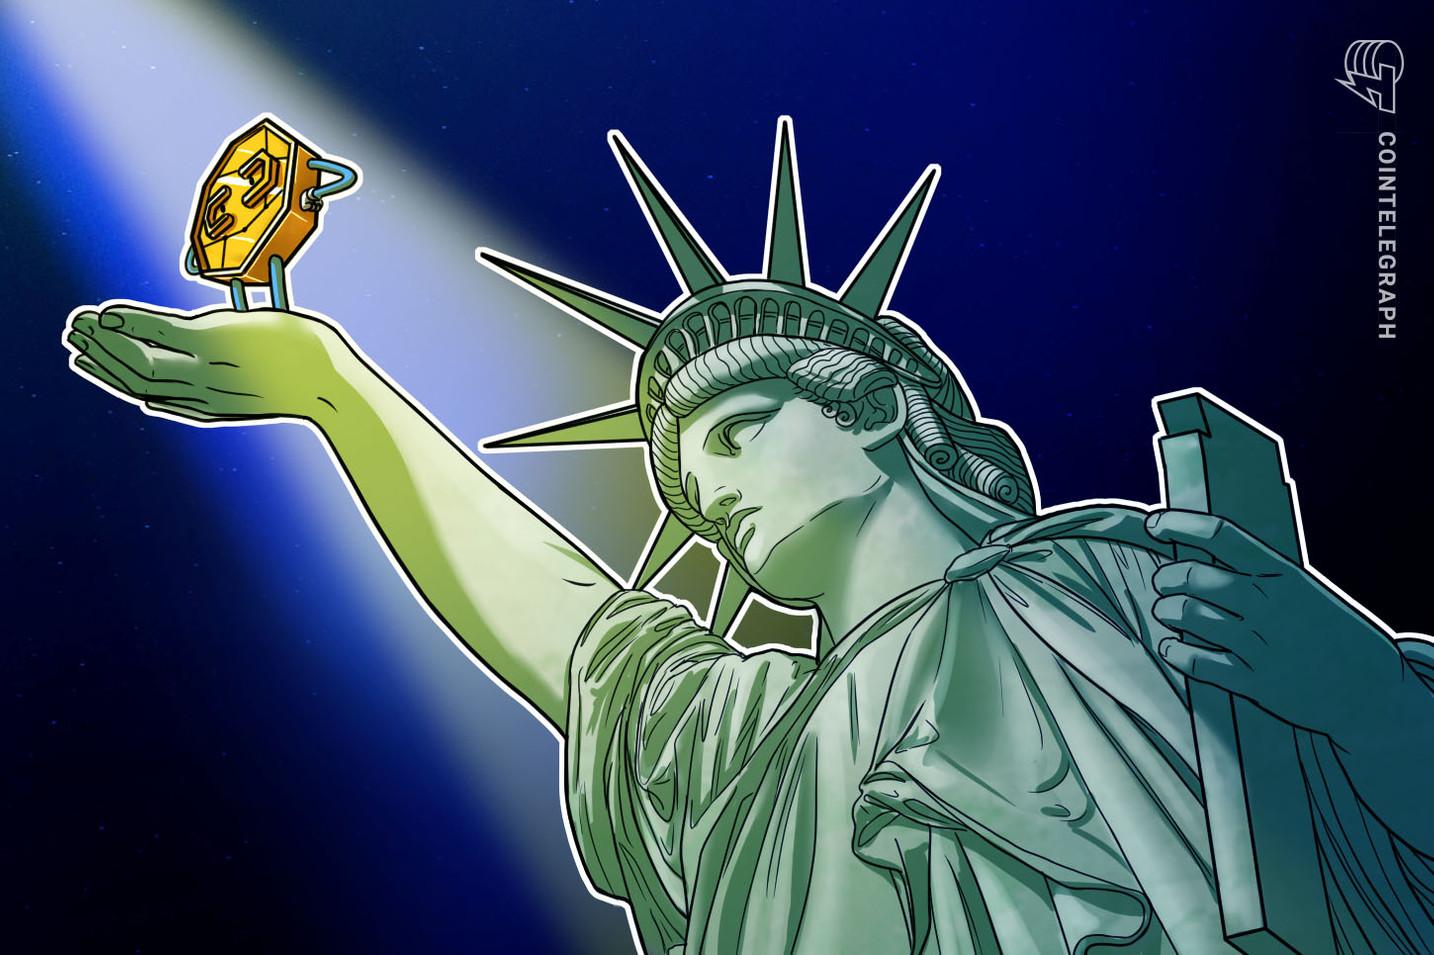 رئيس التكنولوجيا في ريبل يقول إن الولايات المتحدة ليست مستعدة لتنظيم صناعات جديدة مثل العملات المشفرة